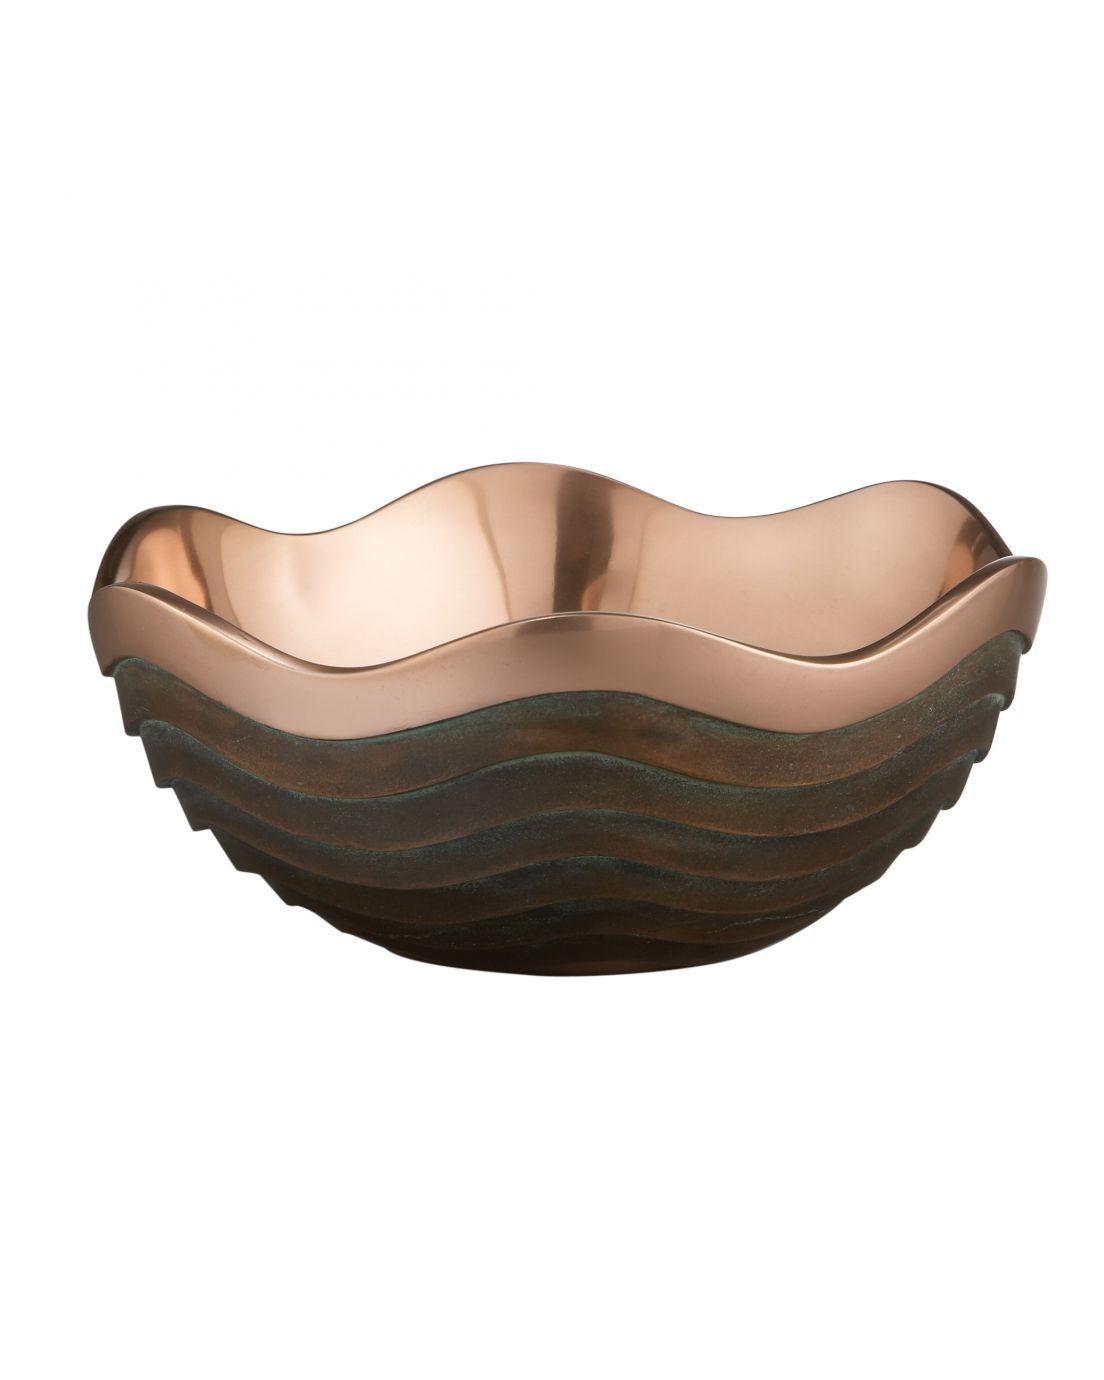 Copper Canyon Bowl